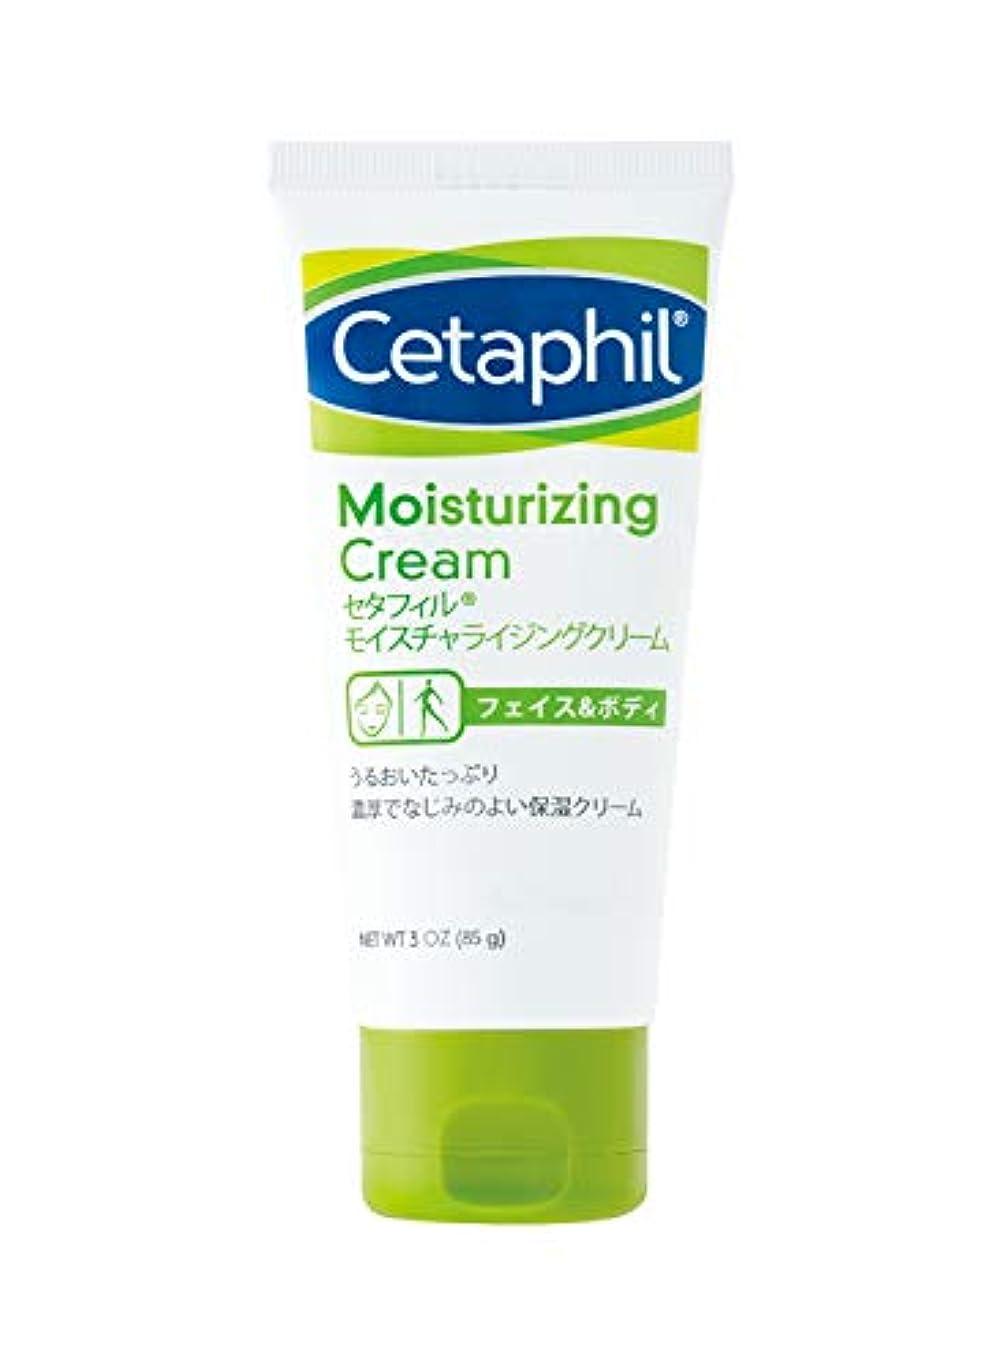 数学者説教する寄付セタフィル Cetaphil ® モイスチャライジングクリーム 85g ( フェイス & ボディ 保湿クリーム クリーム )